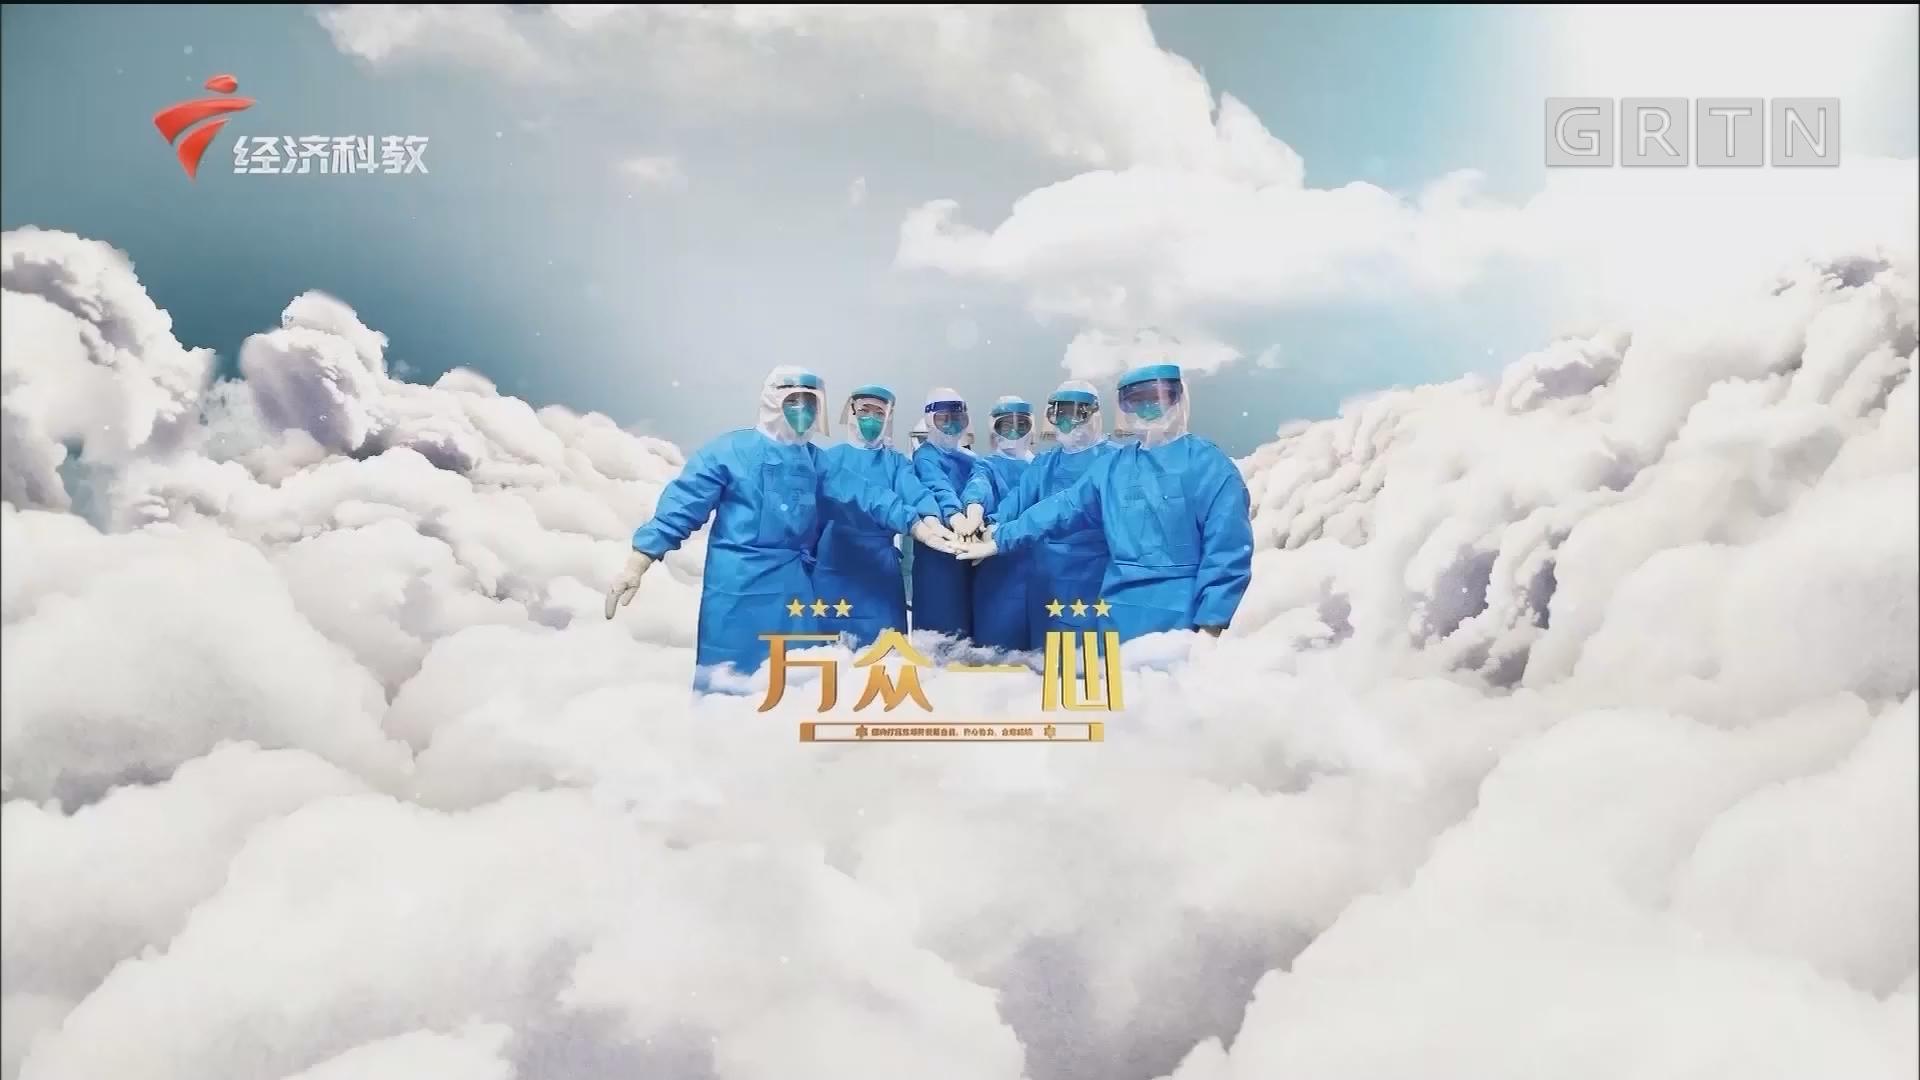 [HD][2020-03-13]经视健康+:抗疫特别节目:科学防治 守望胜利